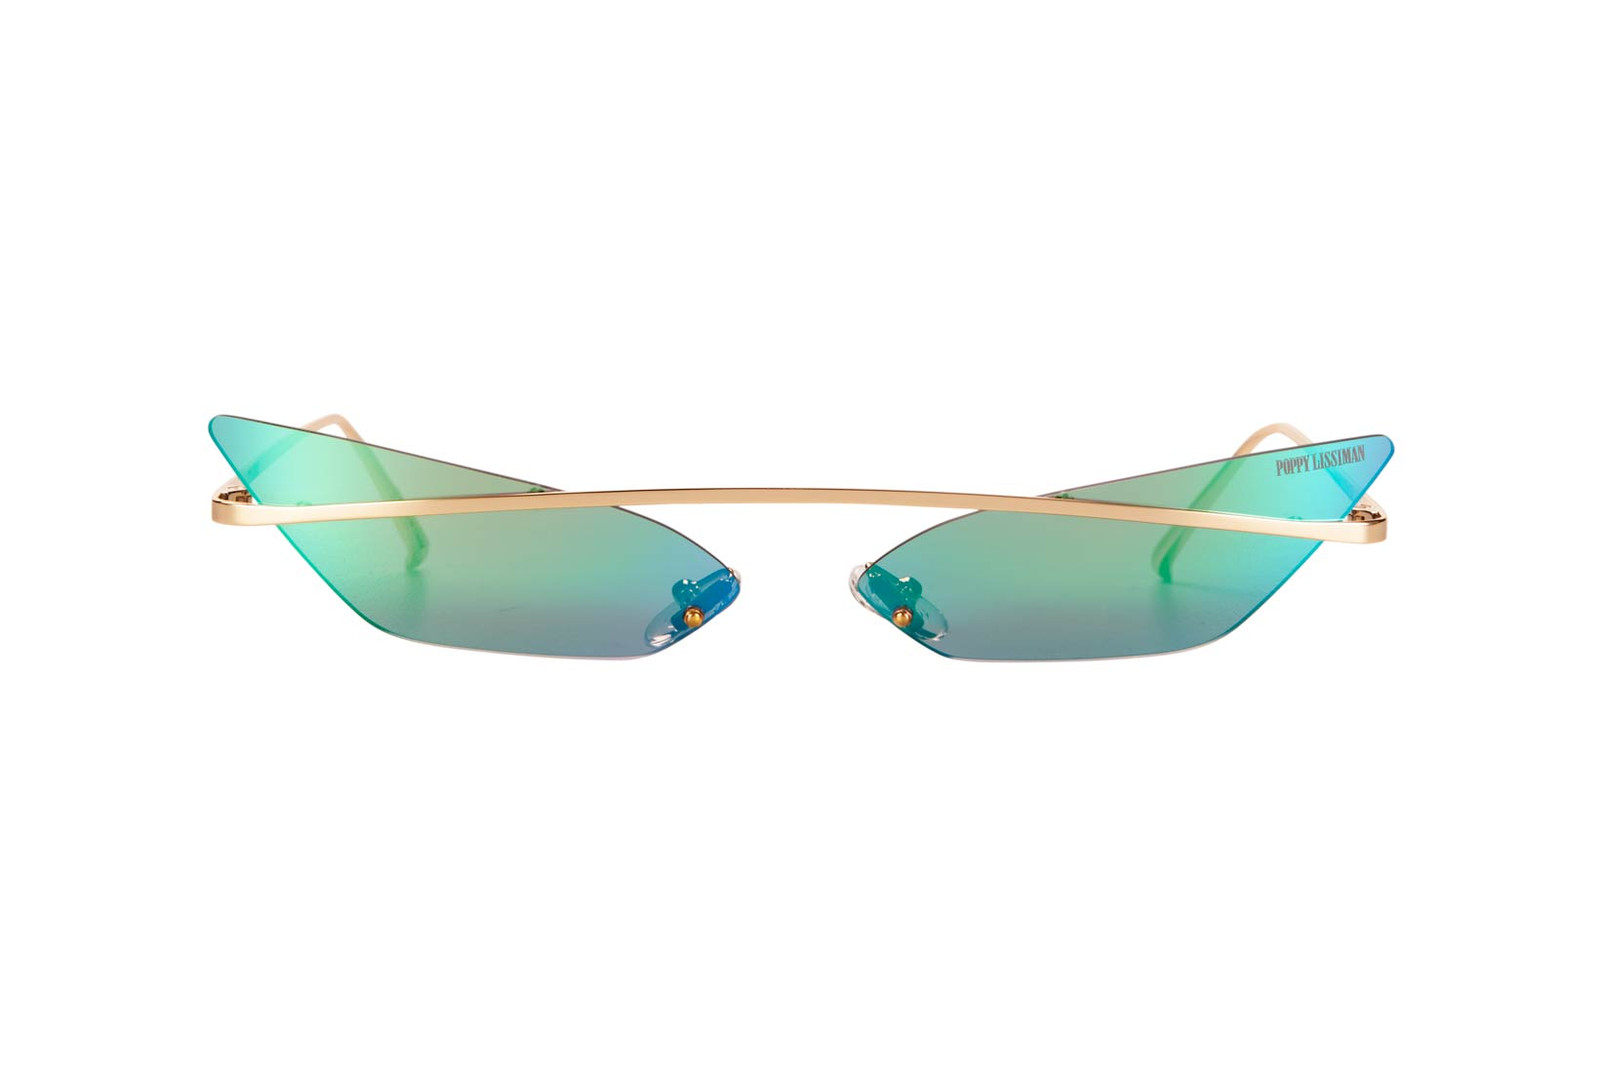 Poppy Lissiman Skinny Demon Morpheus Sunglasses